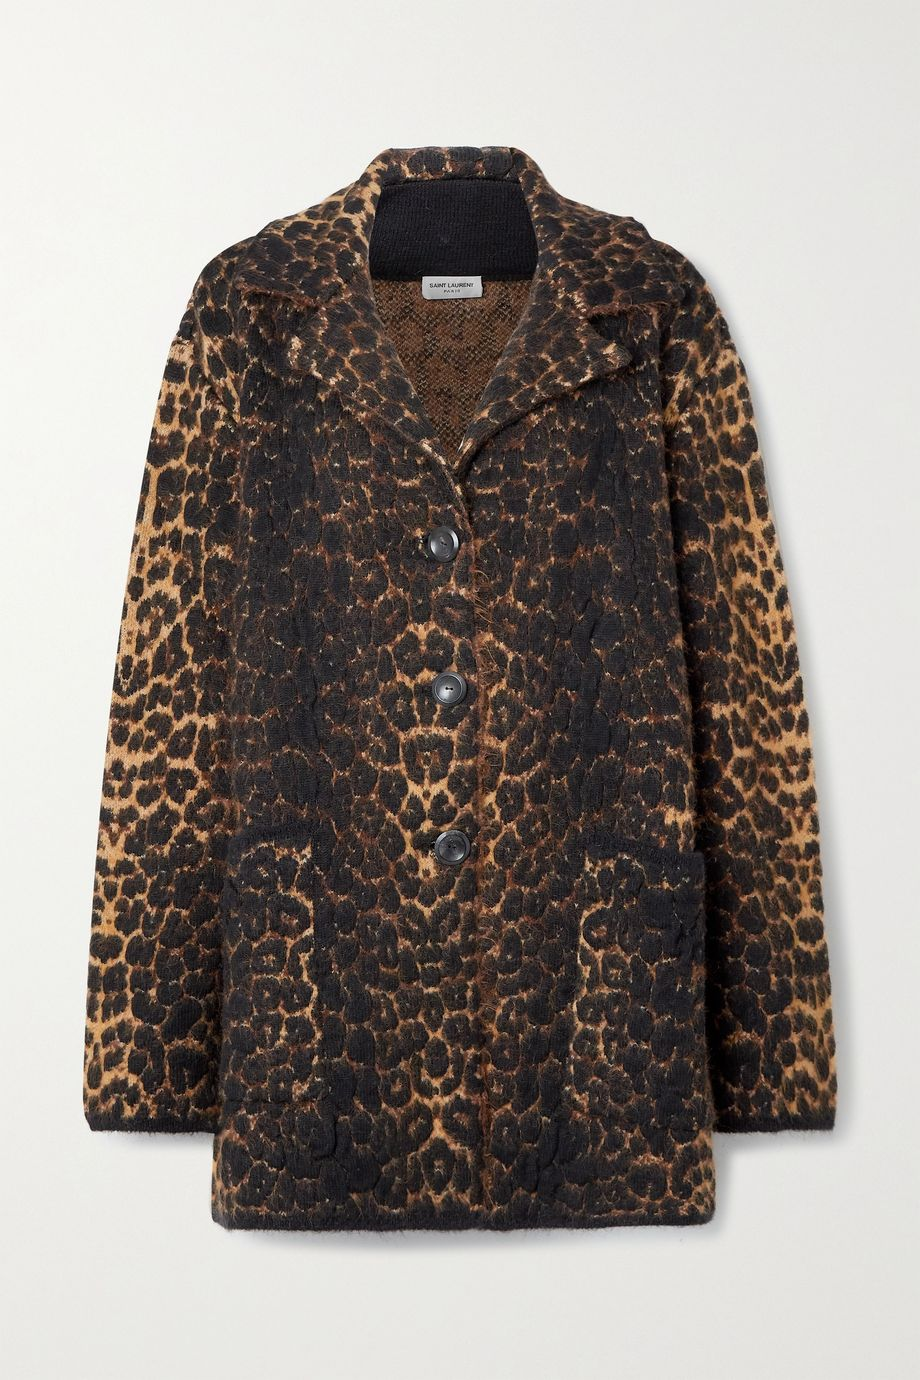 SAINT LAURENT 豹纹提花羊毛混纺外套